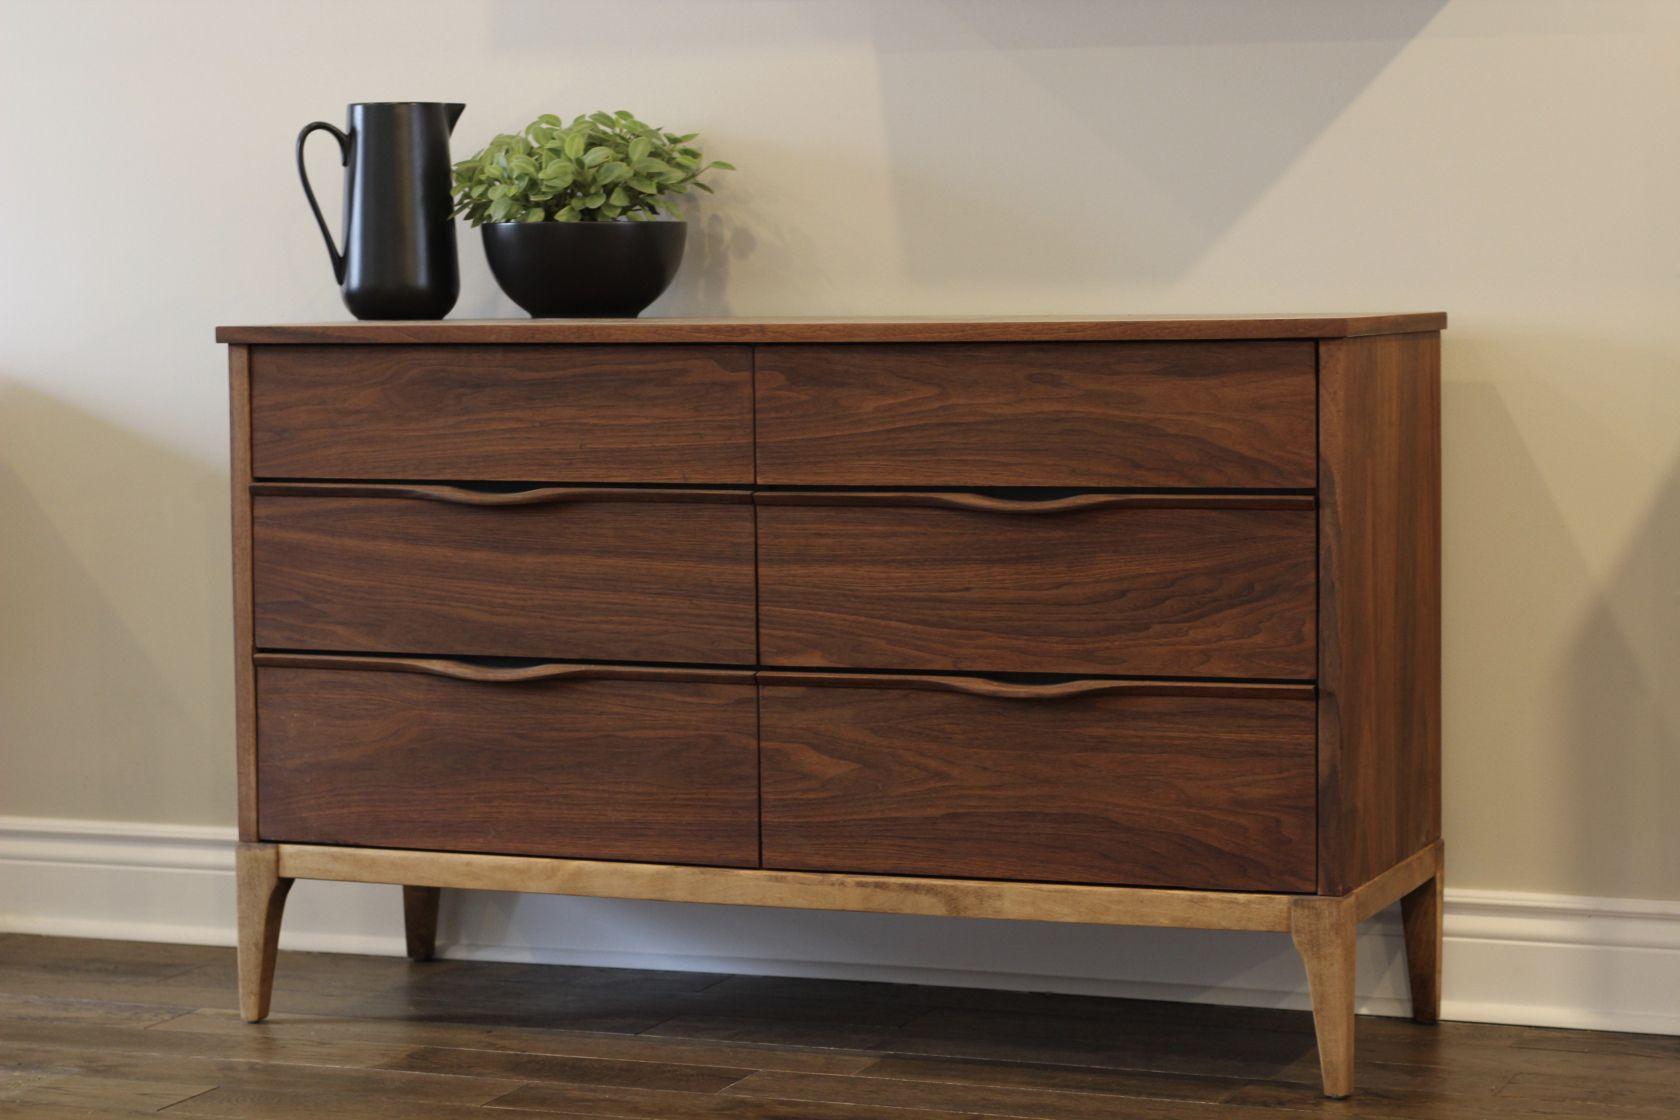 Vintage Kaufman Furniture Dresser In Walnut With Contrasting Birch